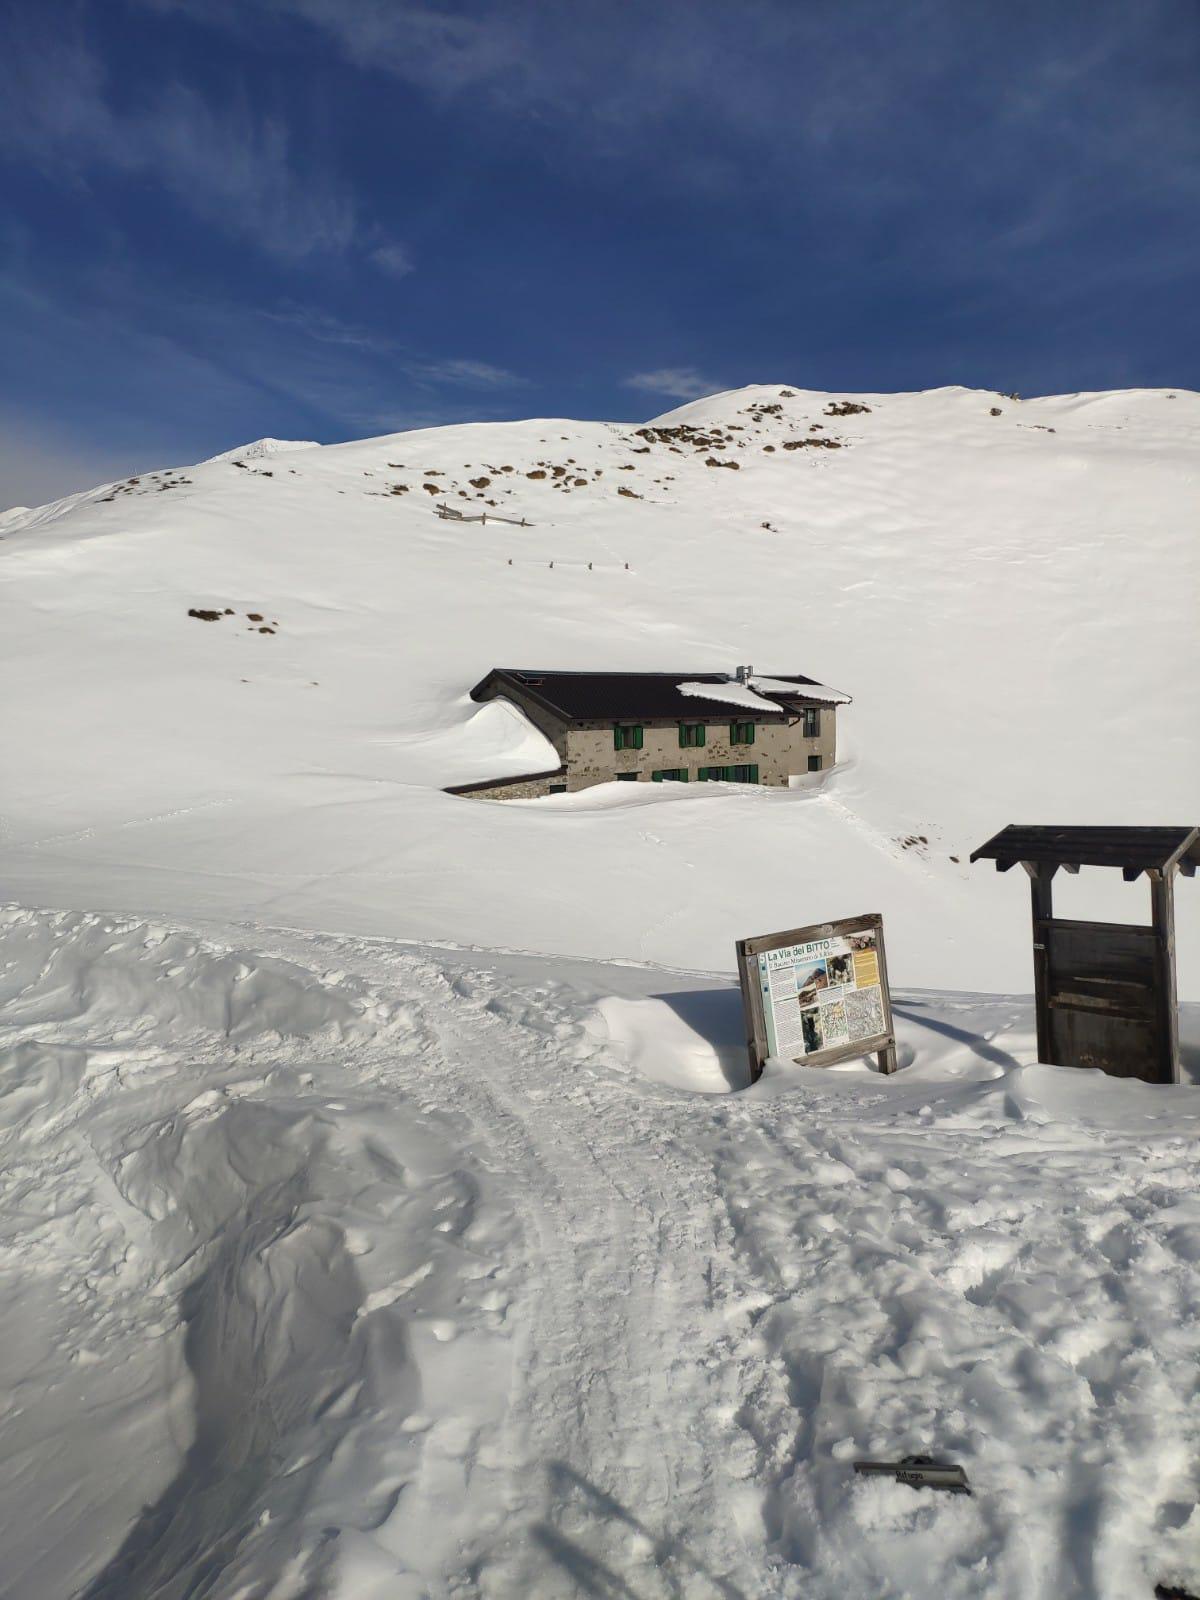 Casa accanto al Rifugio Santa Rita inverno 2021